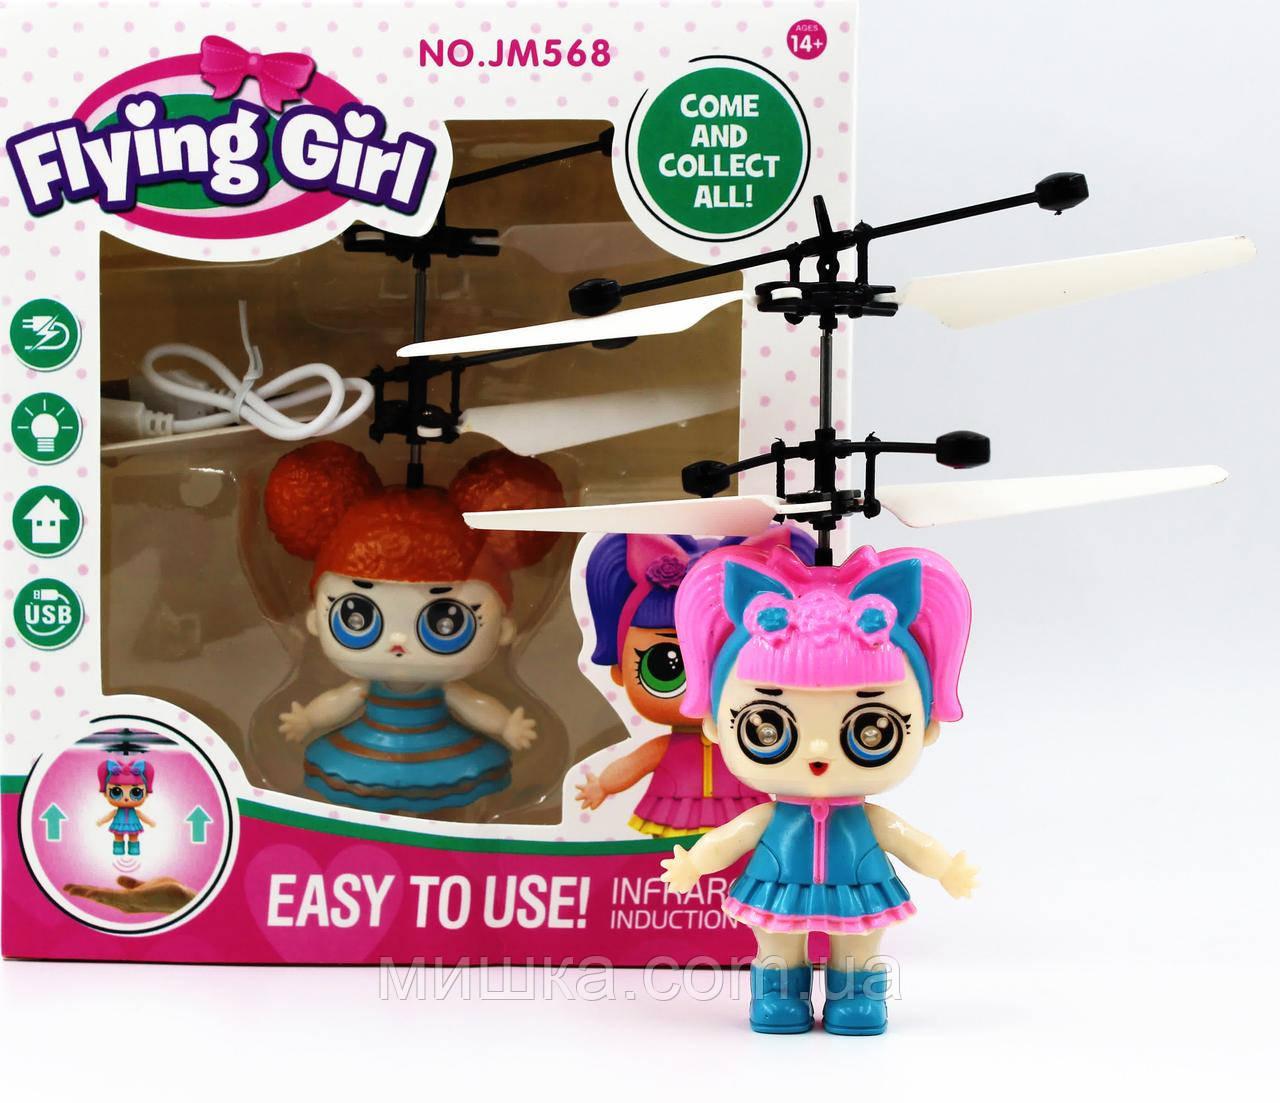 Летающая кукла LOL JM-568 на сенсорном управлении, интерактивная игрушка